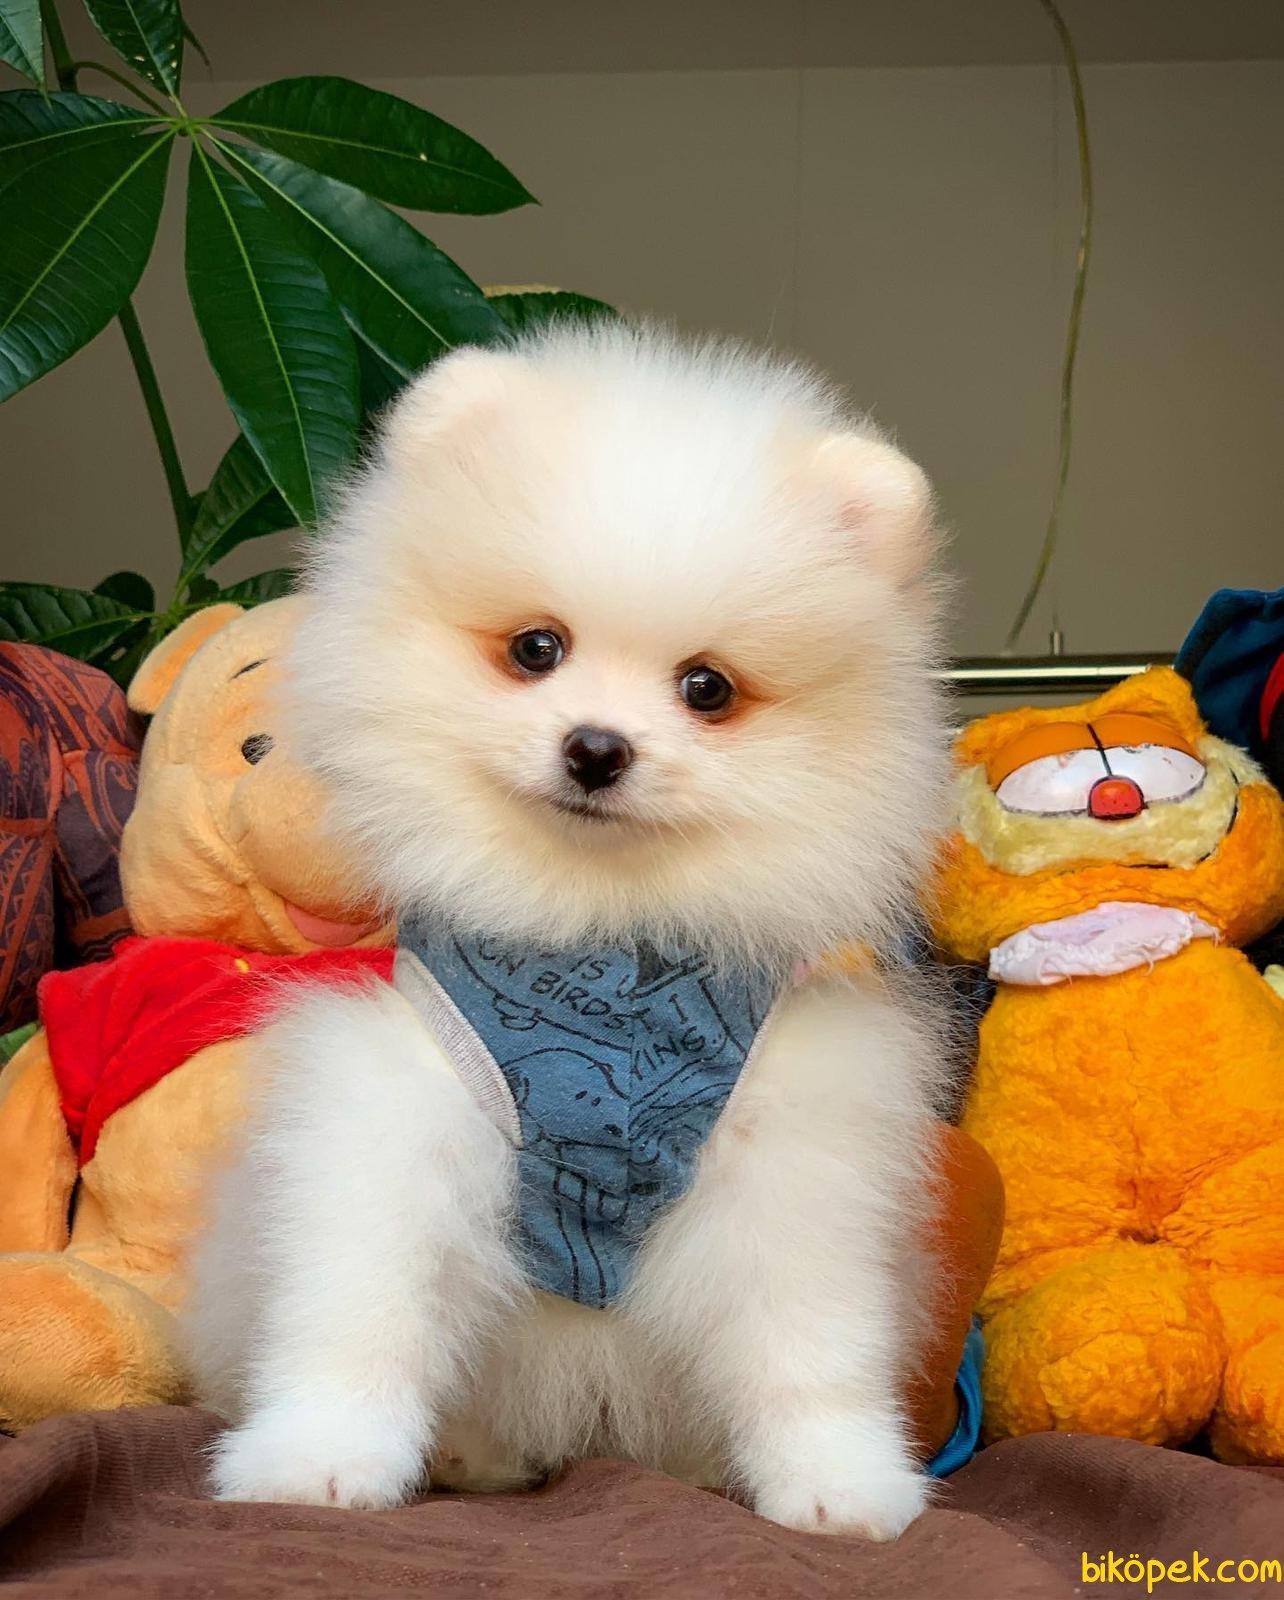 Yurtdışı Üretim Belgeli Safkan Pomeranian Boo Yavrularımız 2